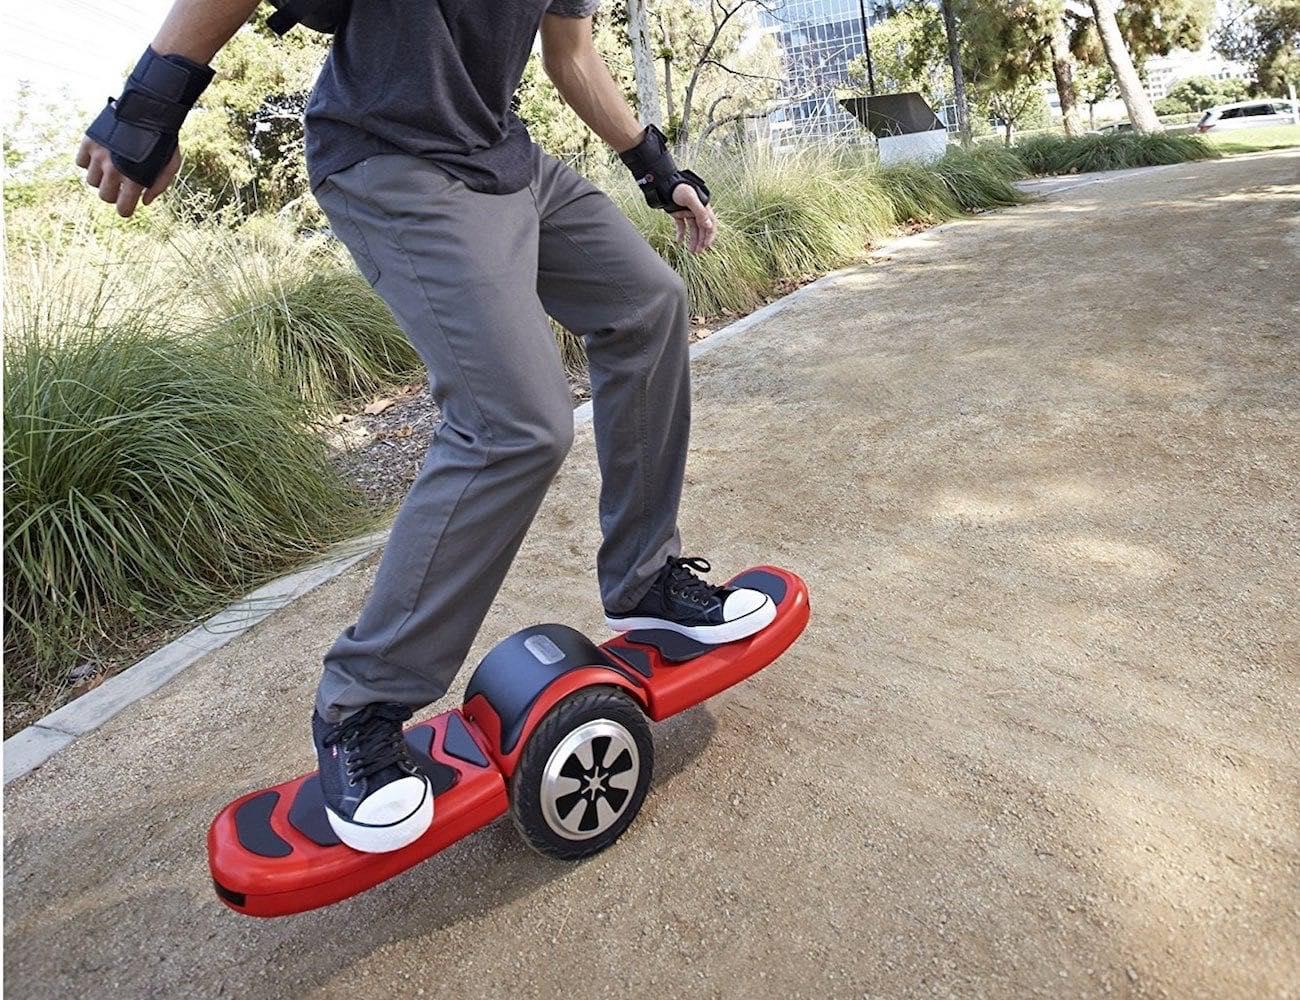 LTXtreme Self-Balancing Hoverboard